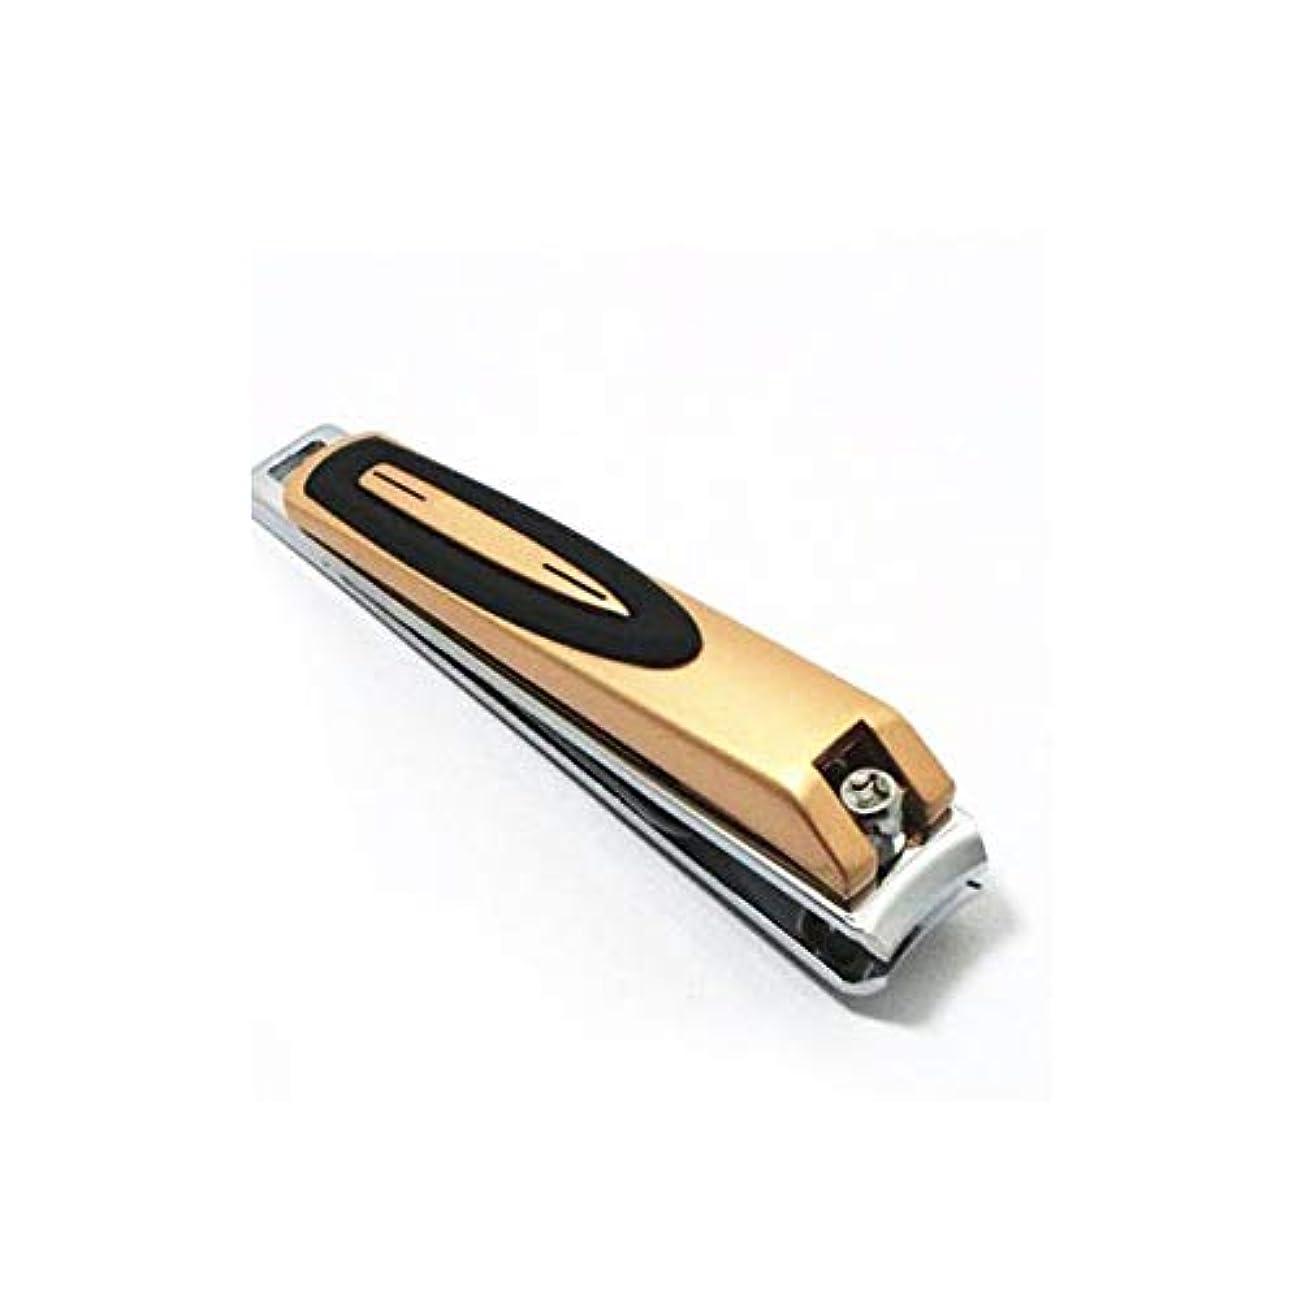 同行顧問競争ステンレス爪切りファッション爪切り携帯便利男女兼用爪切りセット、銅色